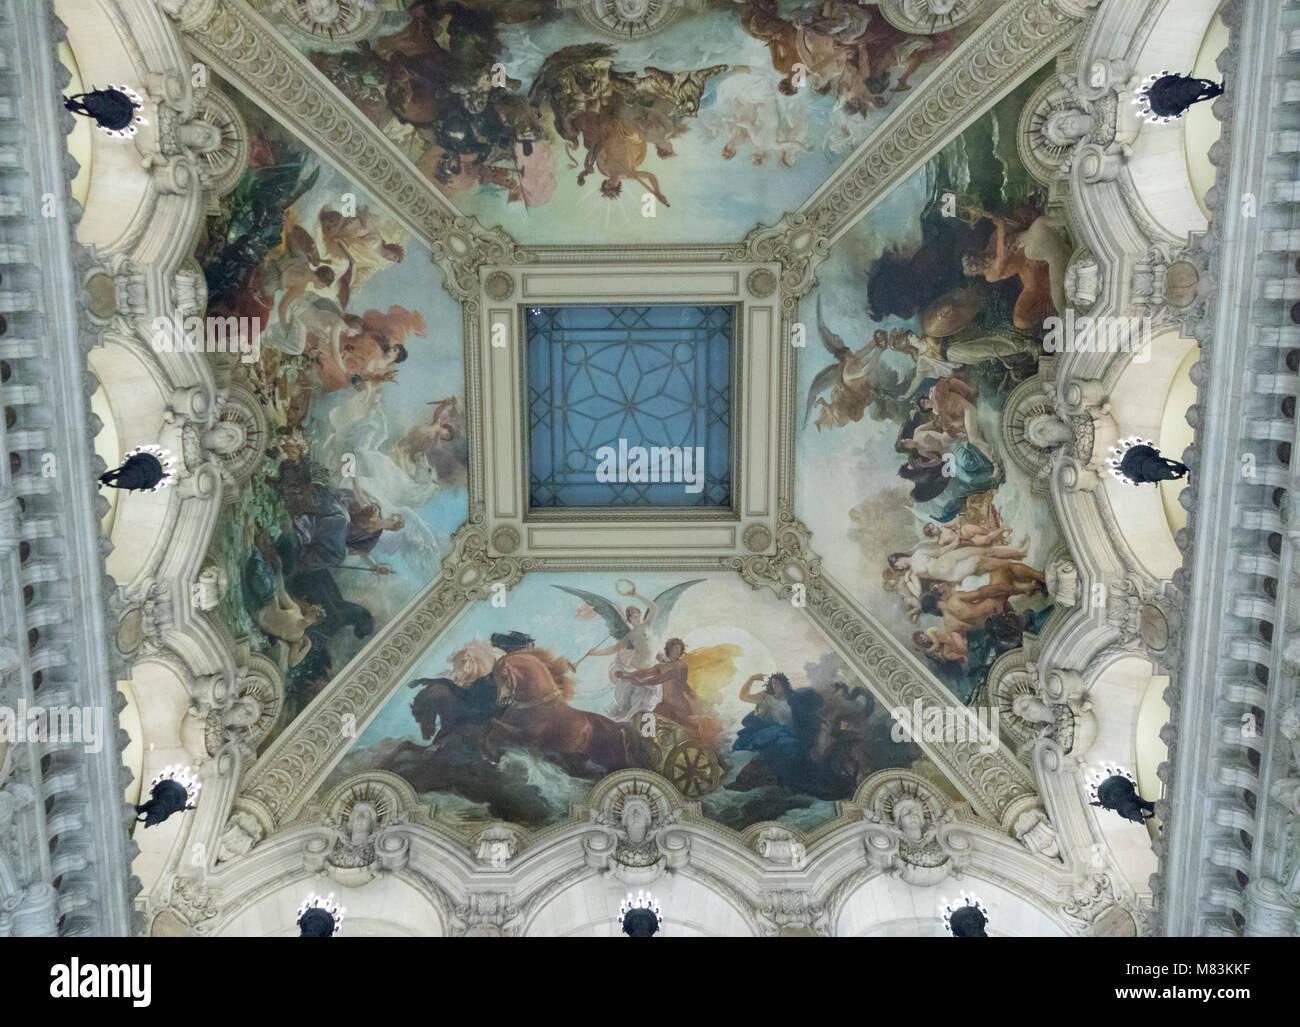 Techo pintado por encima de la gran escalera, Garner Opera, Paris, Francia Imagen De Stock